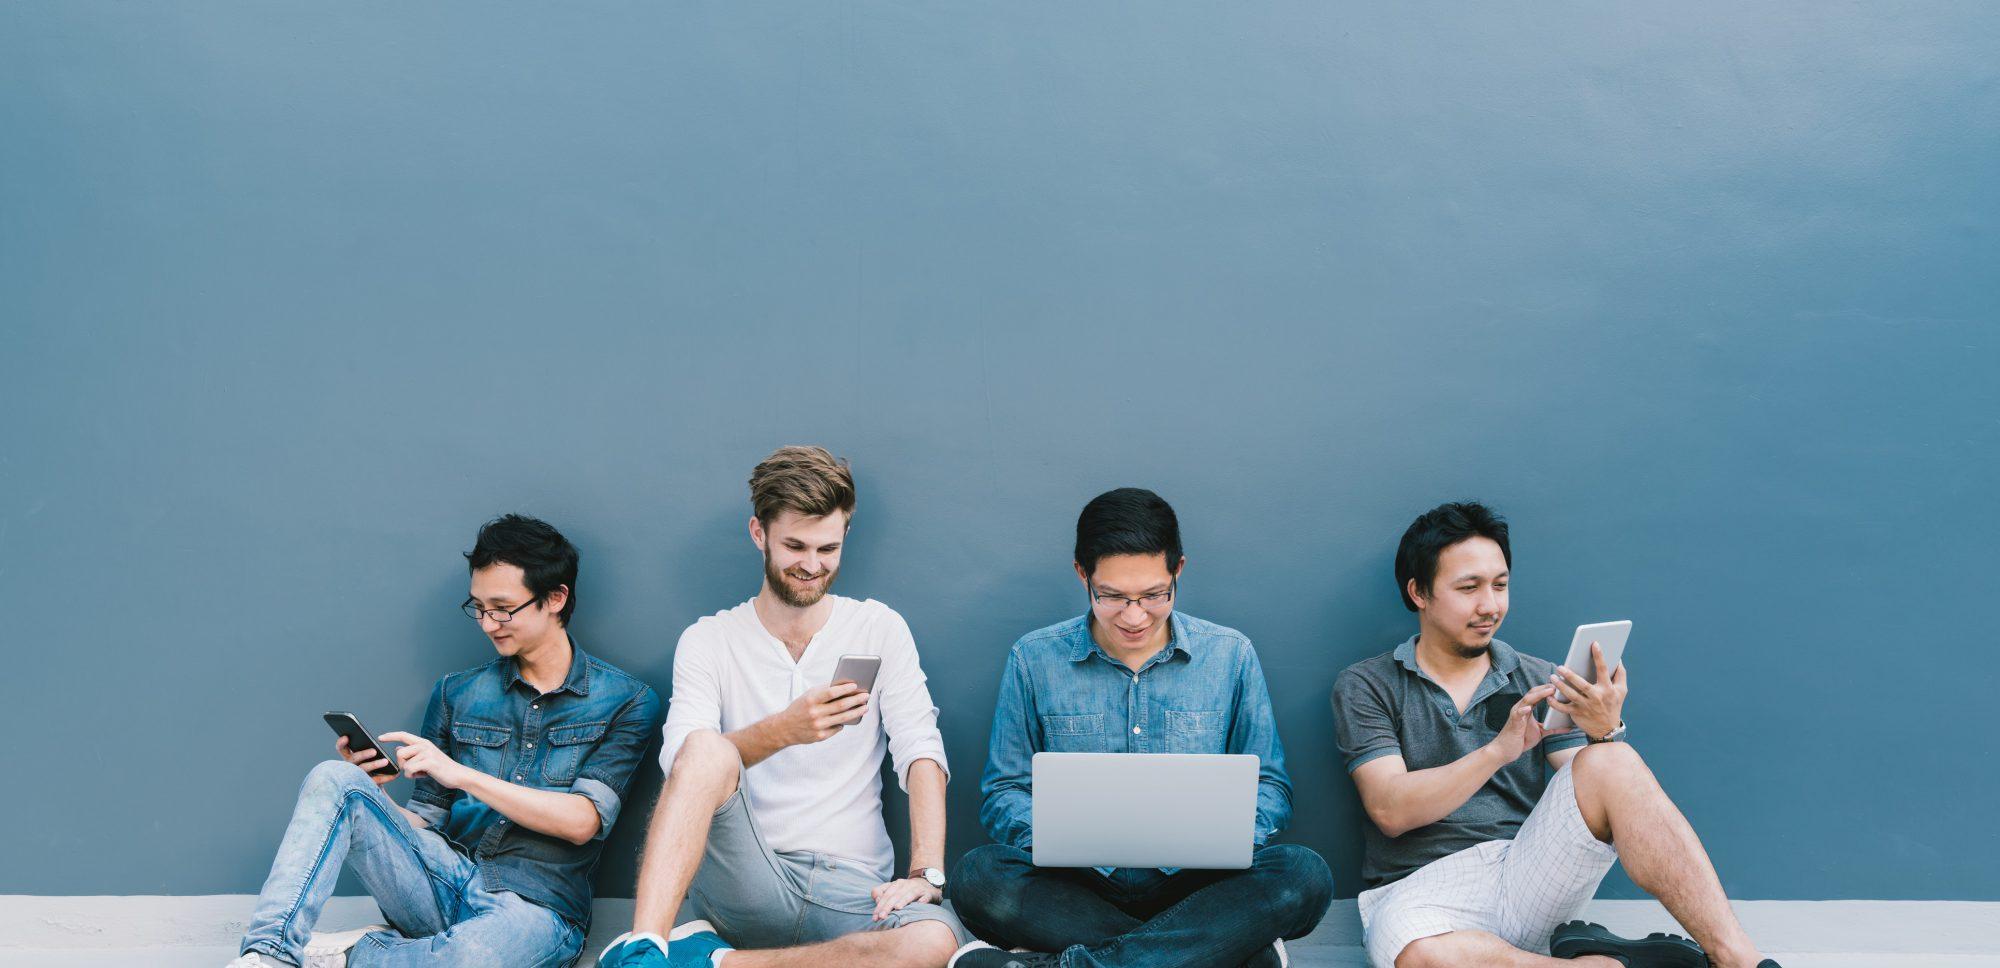 Primer empleo y redes sociales|Preparar redes sociales para trabajar